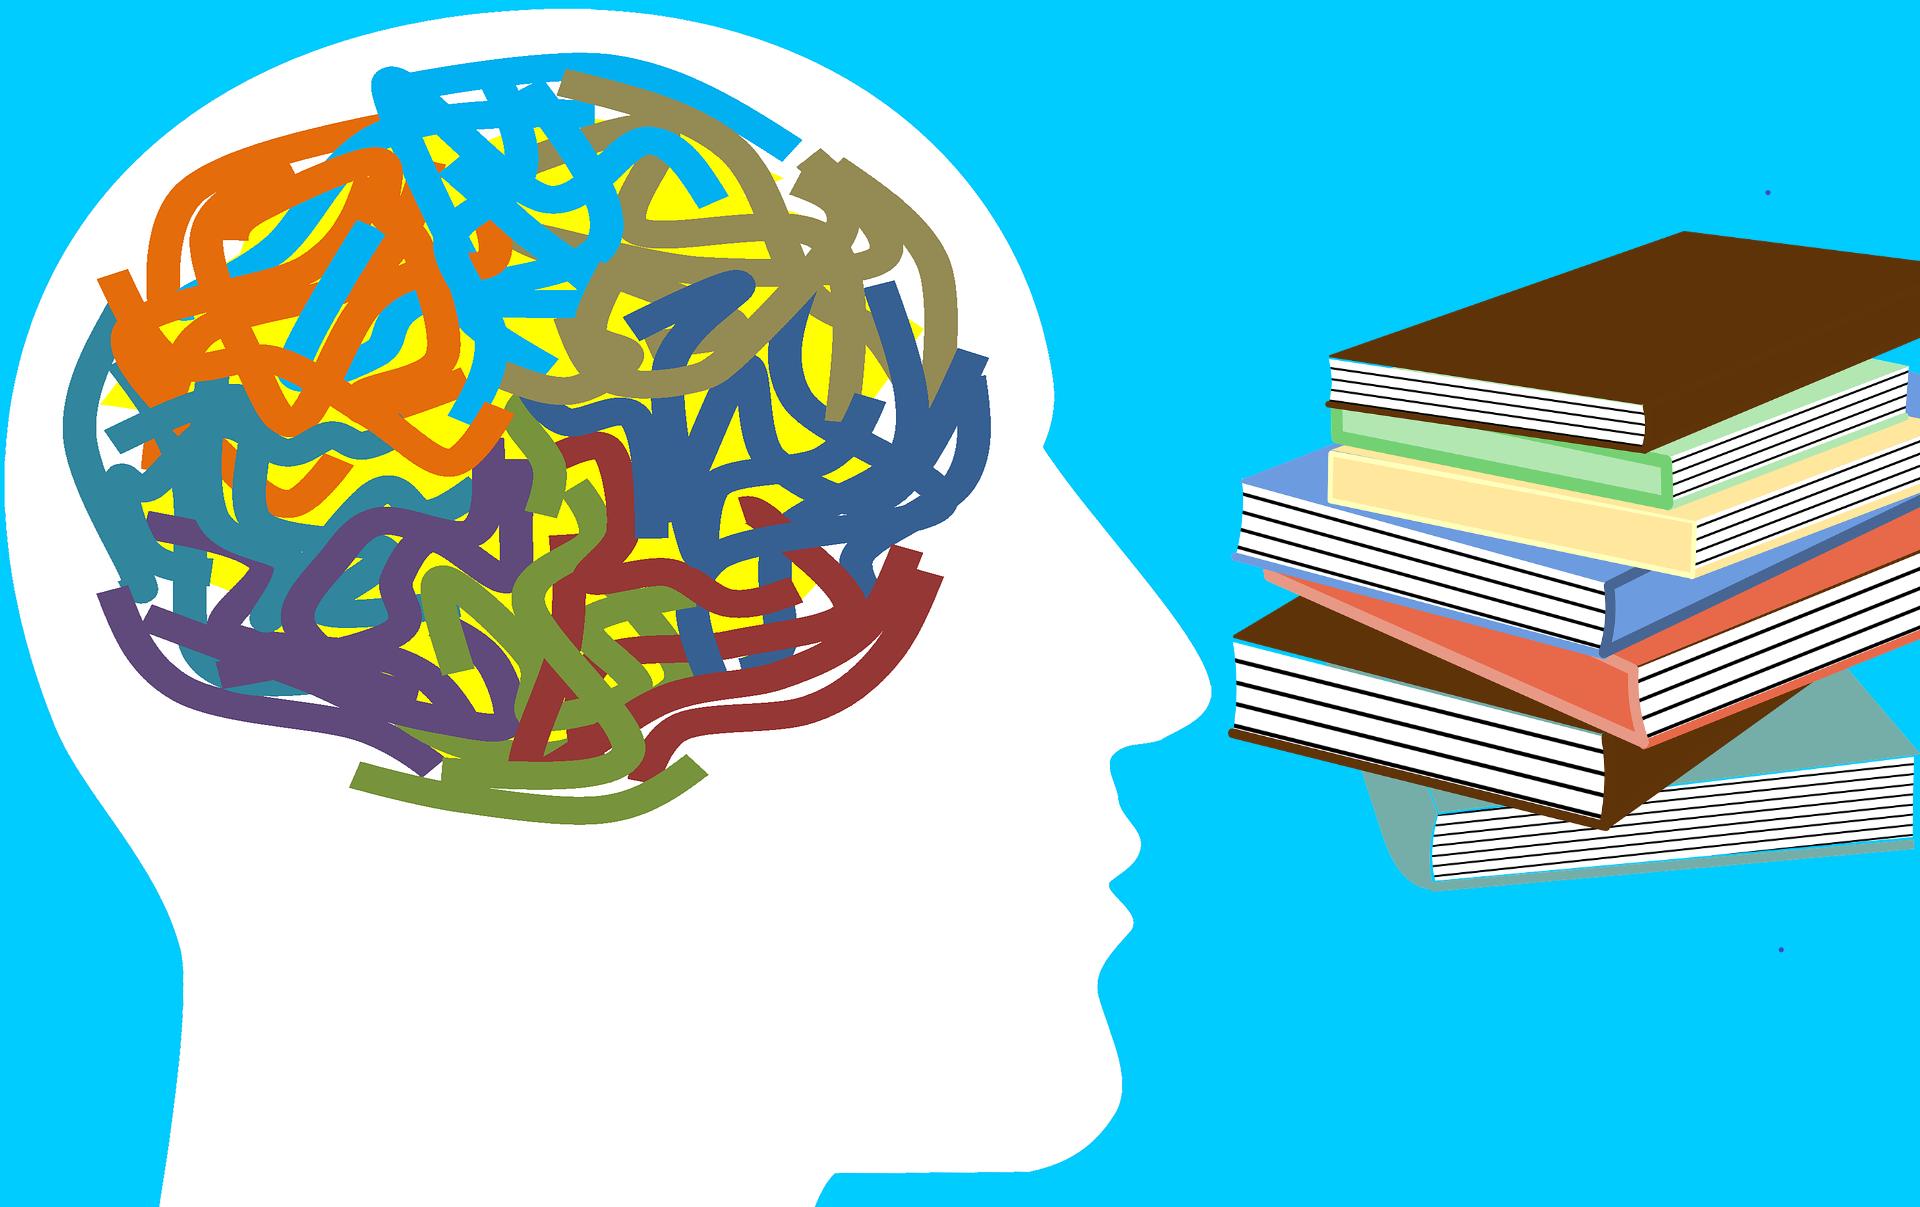 Quali aspetti dell'ADHD incidono sul rendimento scolastico?